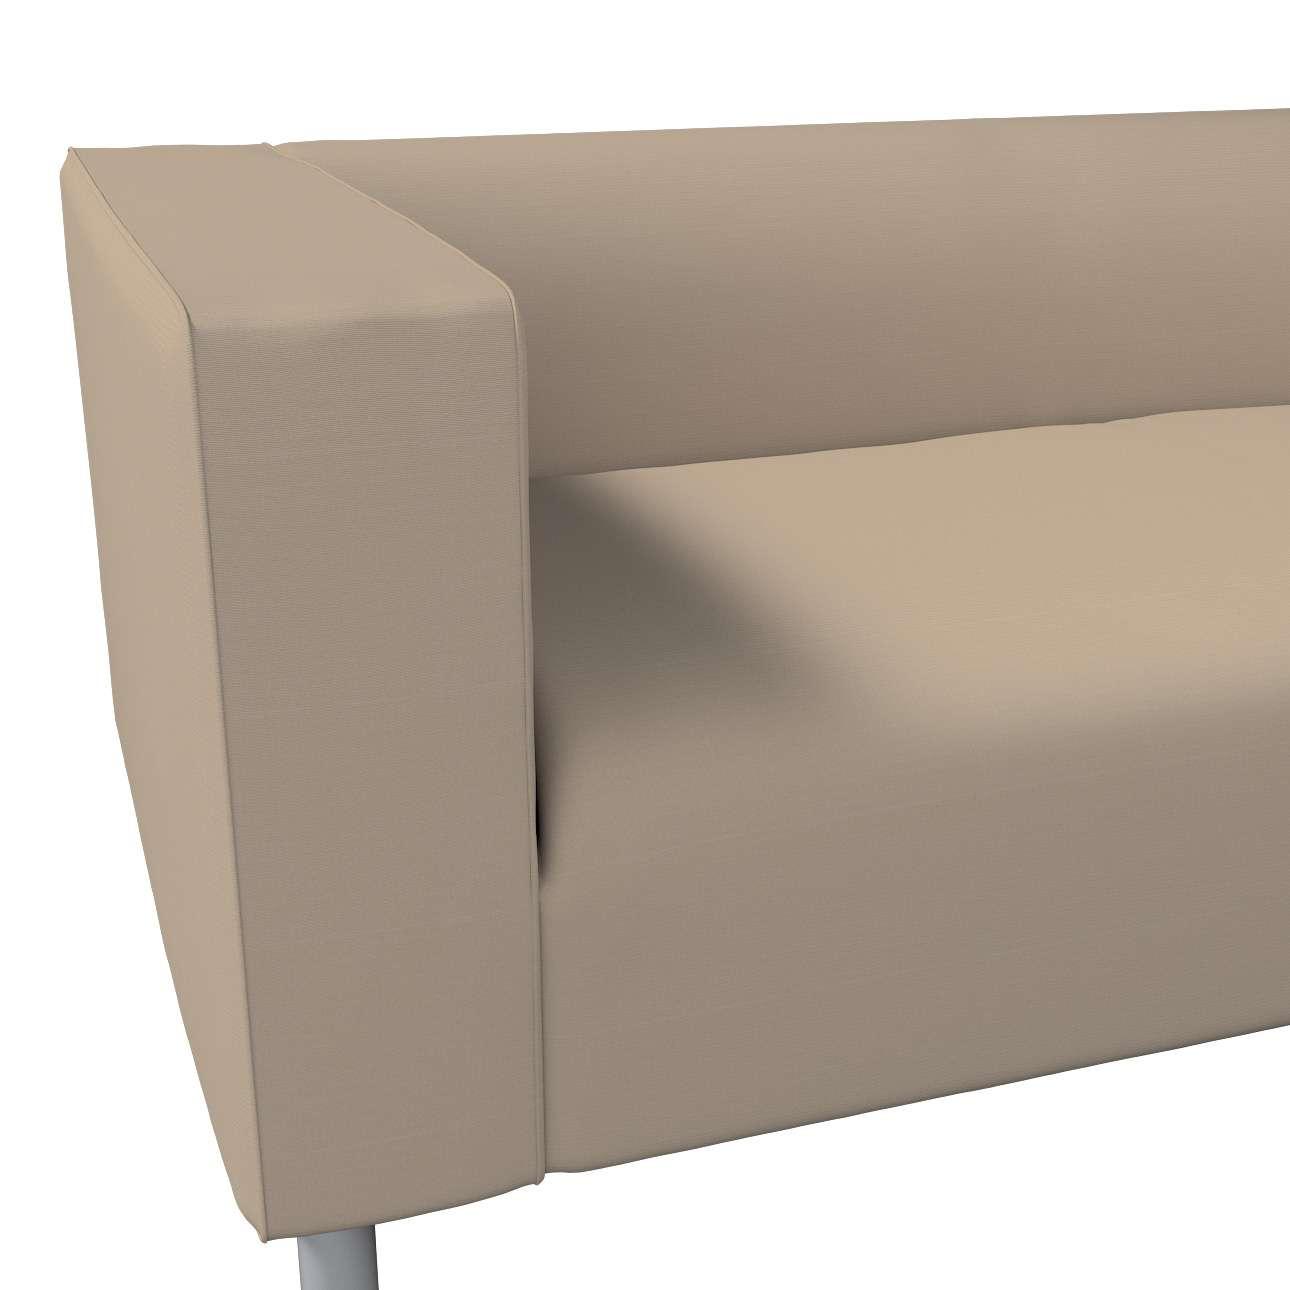 Klippan keturvietės sofos užvalkalas kolekcijoje Cotton Panama, audinys: 702-28